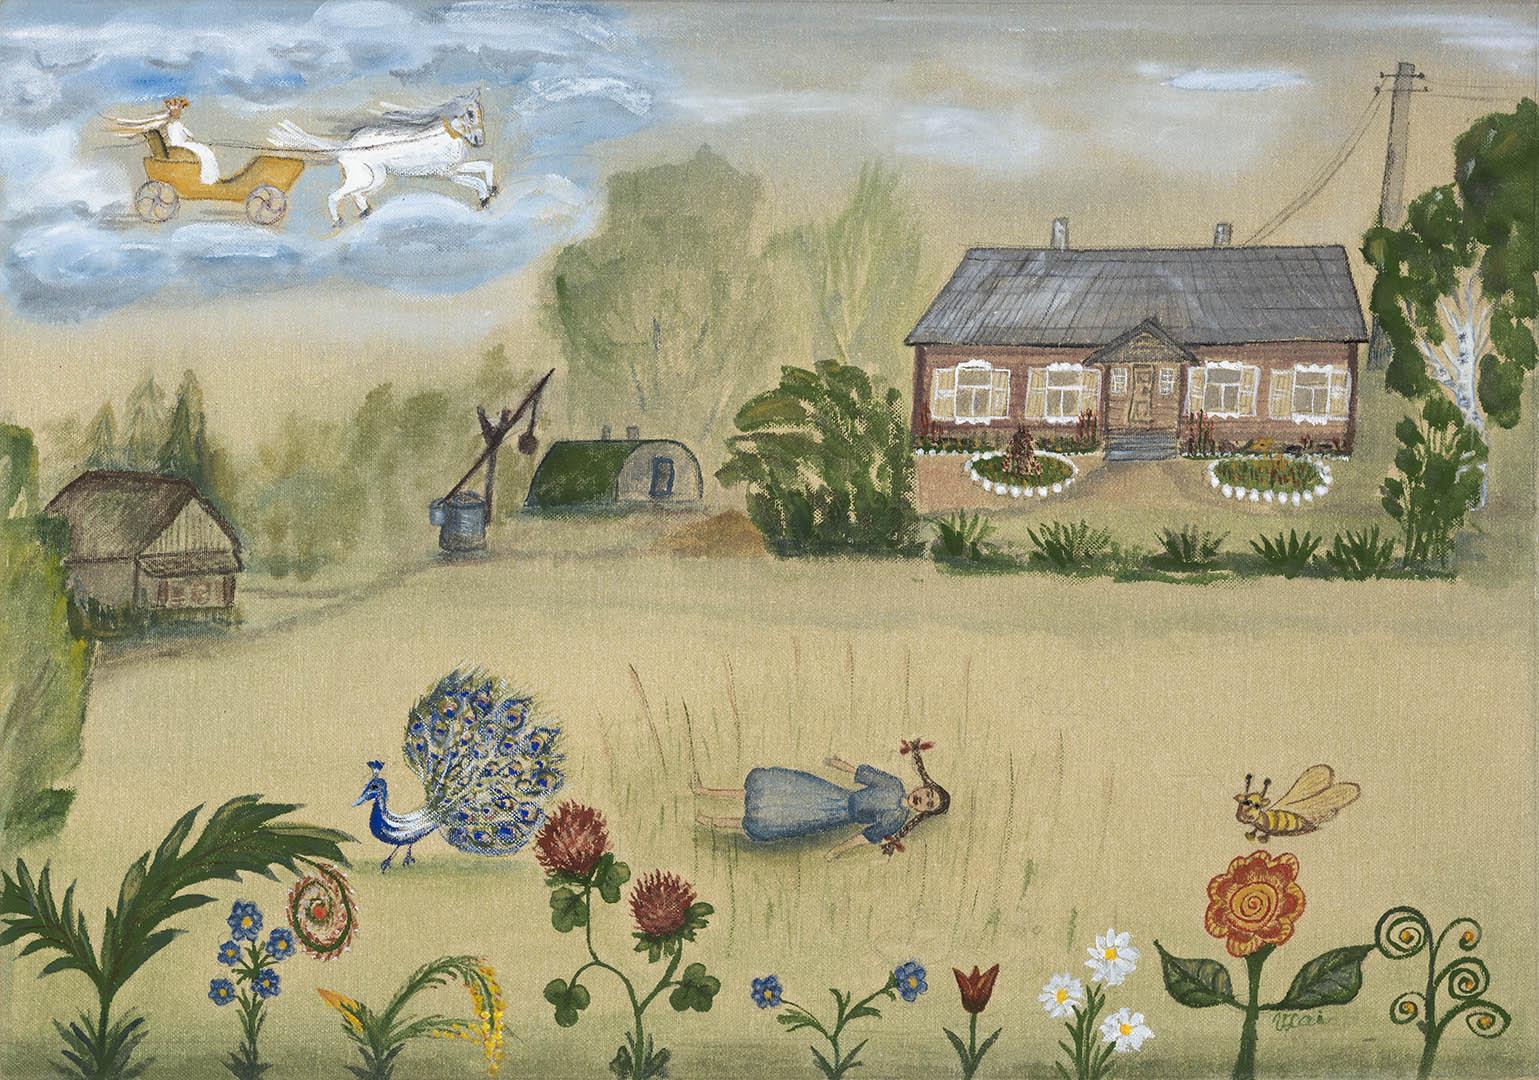 """Laimutė Vološkevičienė. """"Mergaitės svajonės kaime"""", 2020 m. Drobė, tempera; 42,5 x 60 cm (Rėmėjų premija)"""